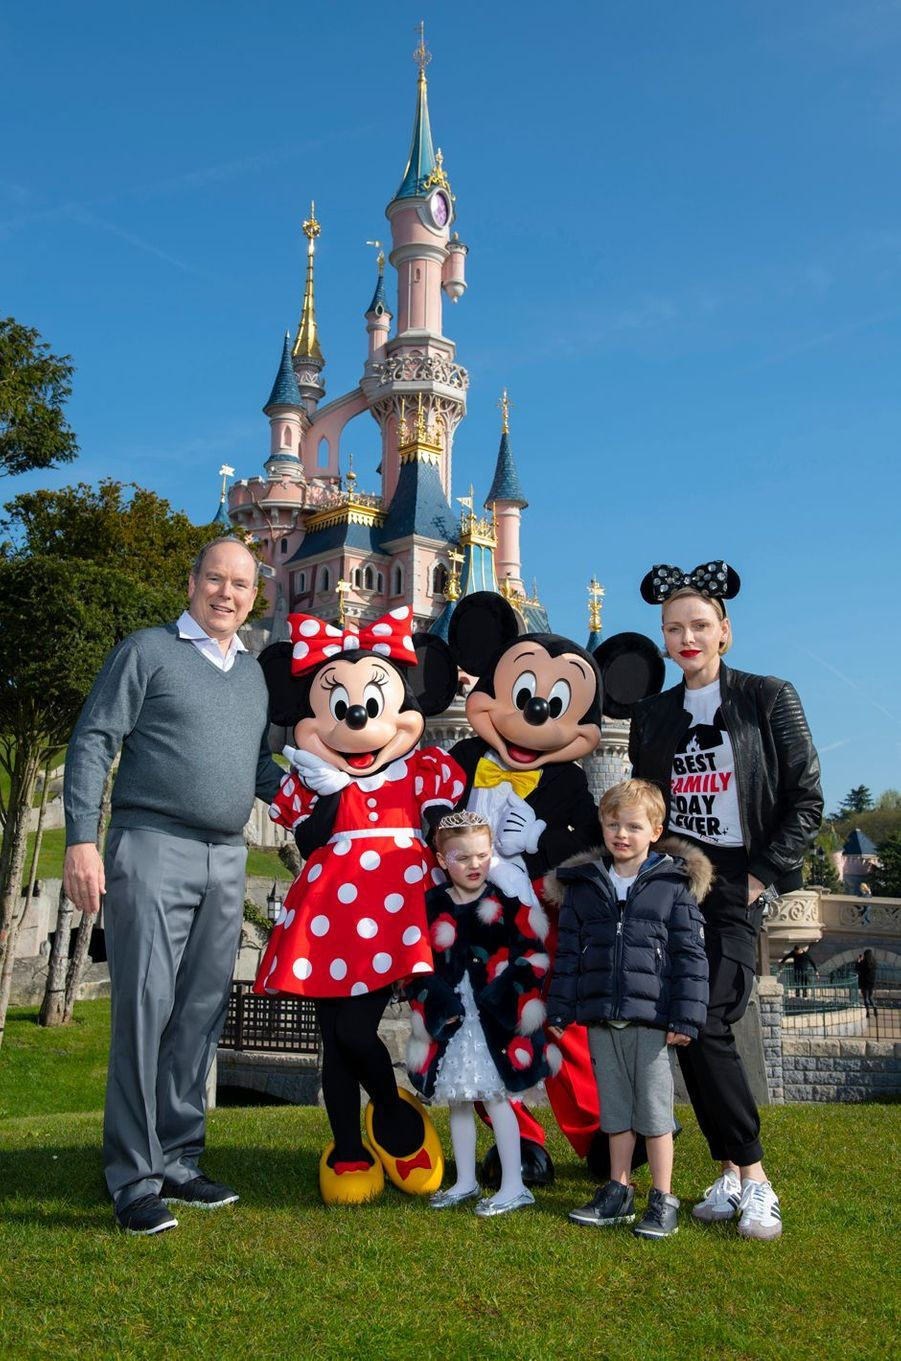 Le prince Albert II et la princesse Charlène de Monaco avec leurs jumeaux la princesse Gabriella et le prince Jacques à Disneyland Paris, le 17 avril 2019